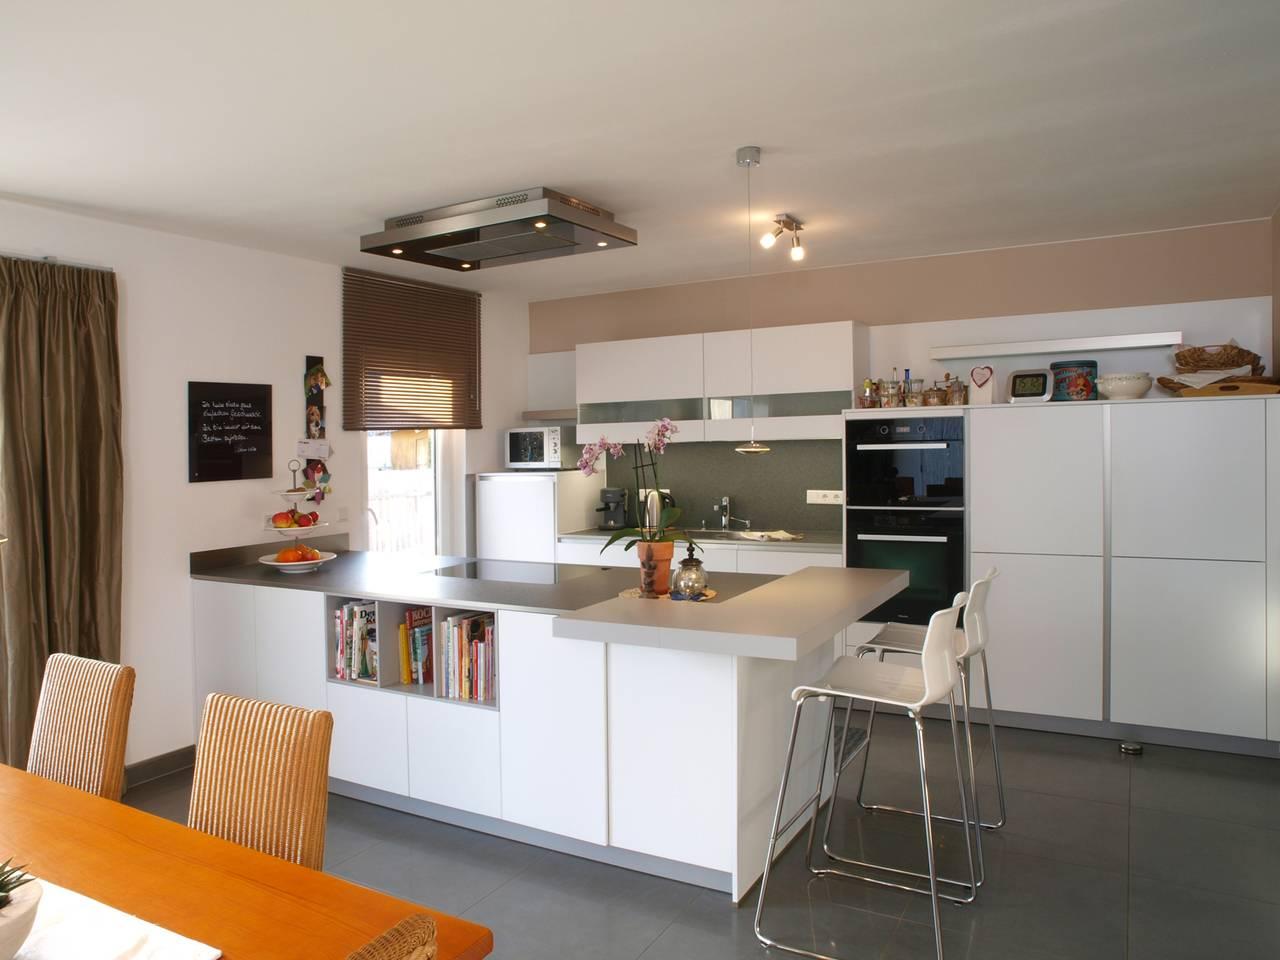 k chen grundriss richtig planen besserhaushalten. Black Bedroom Furniture Sets. Home Design Ideas